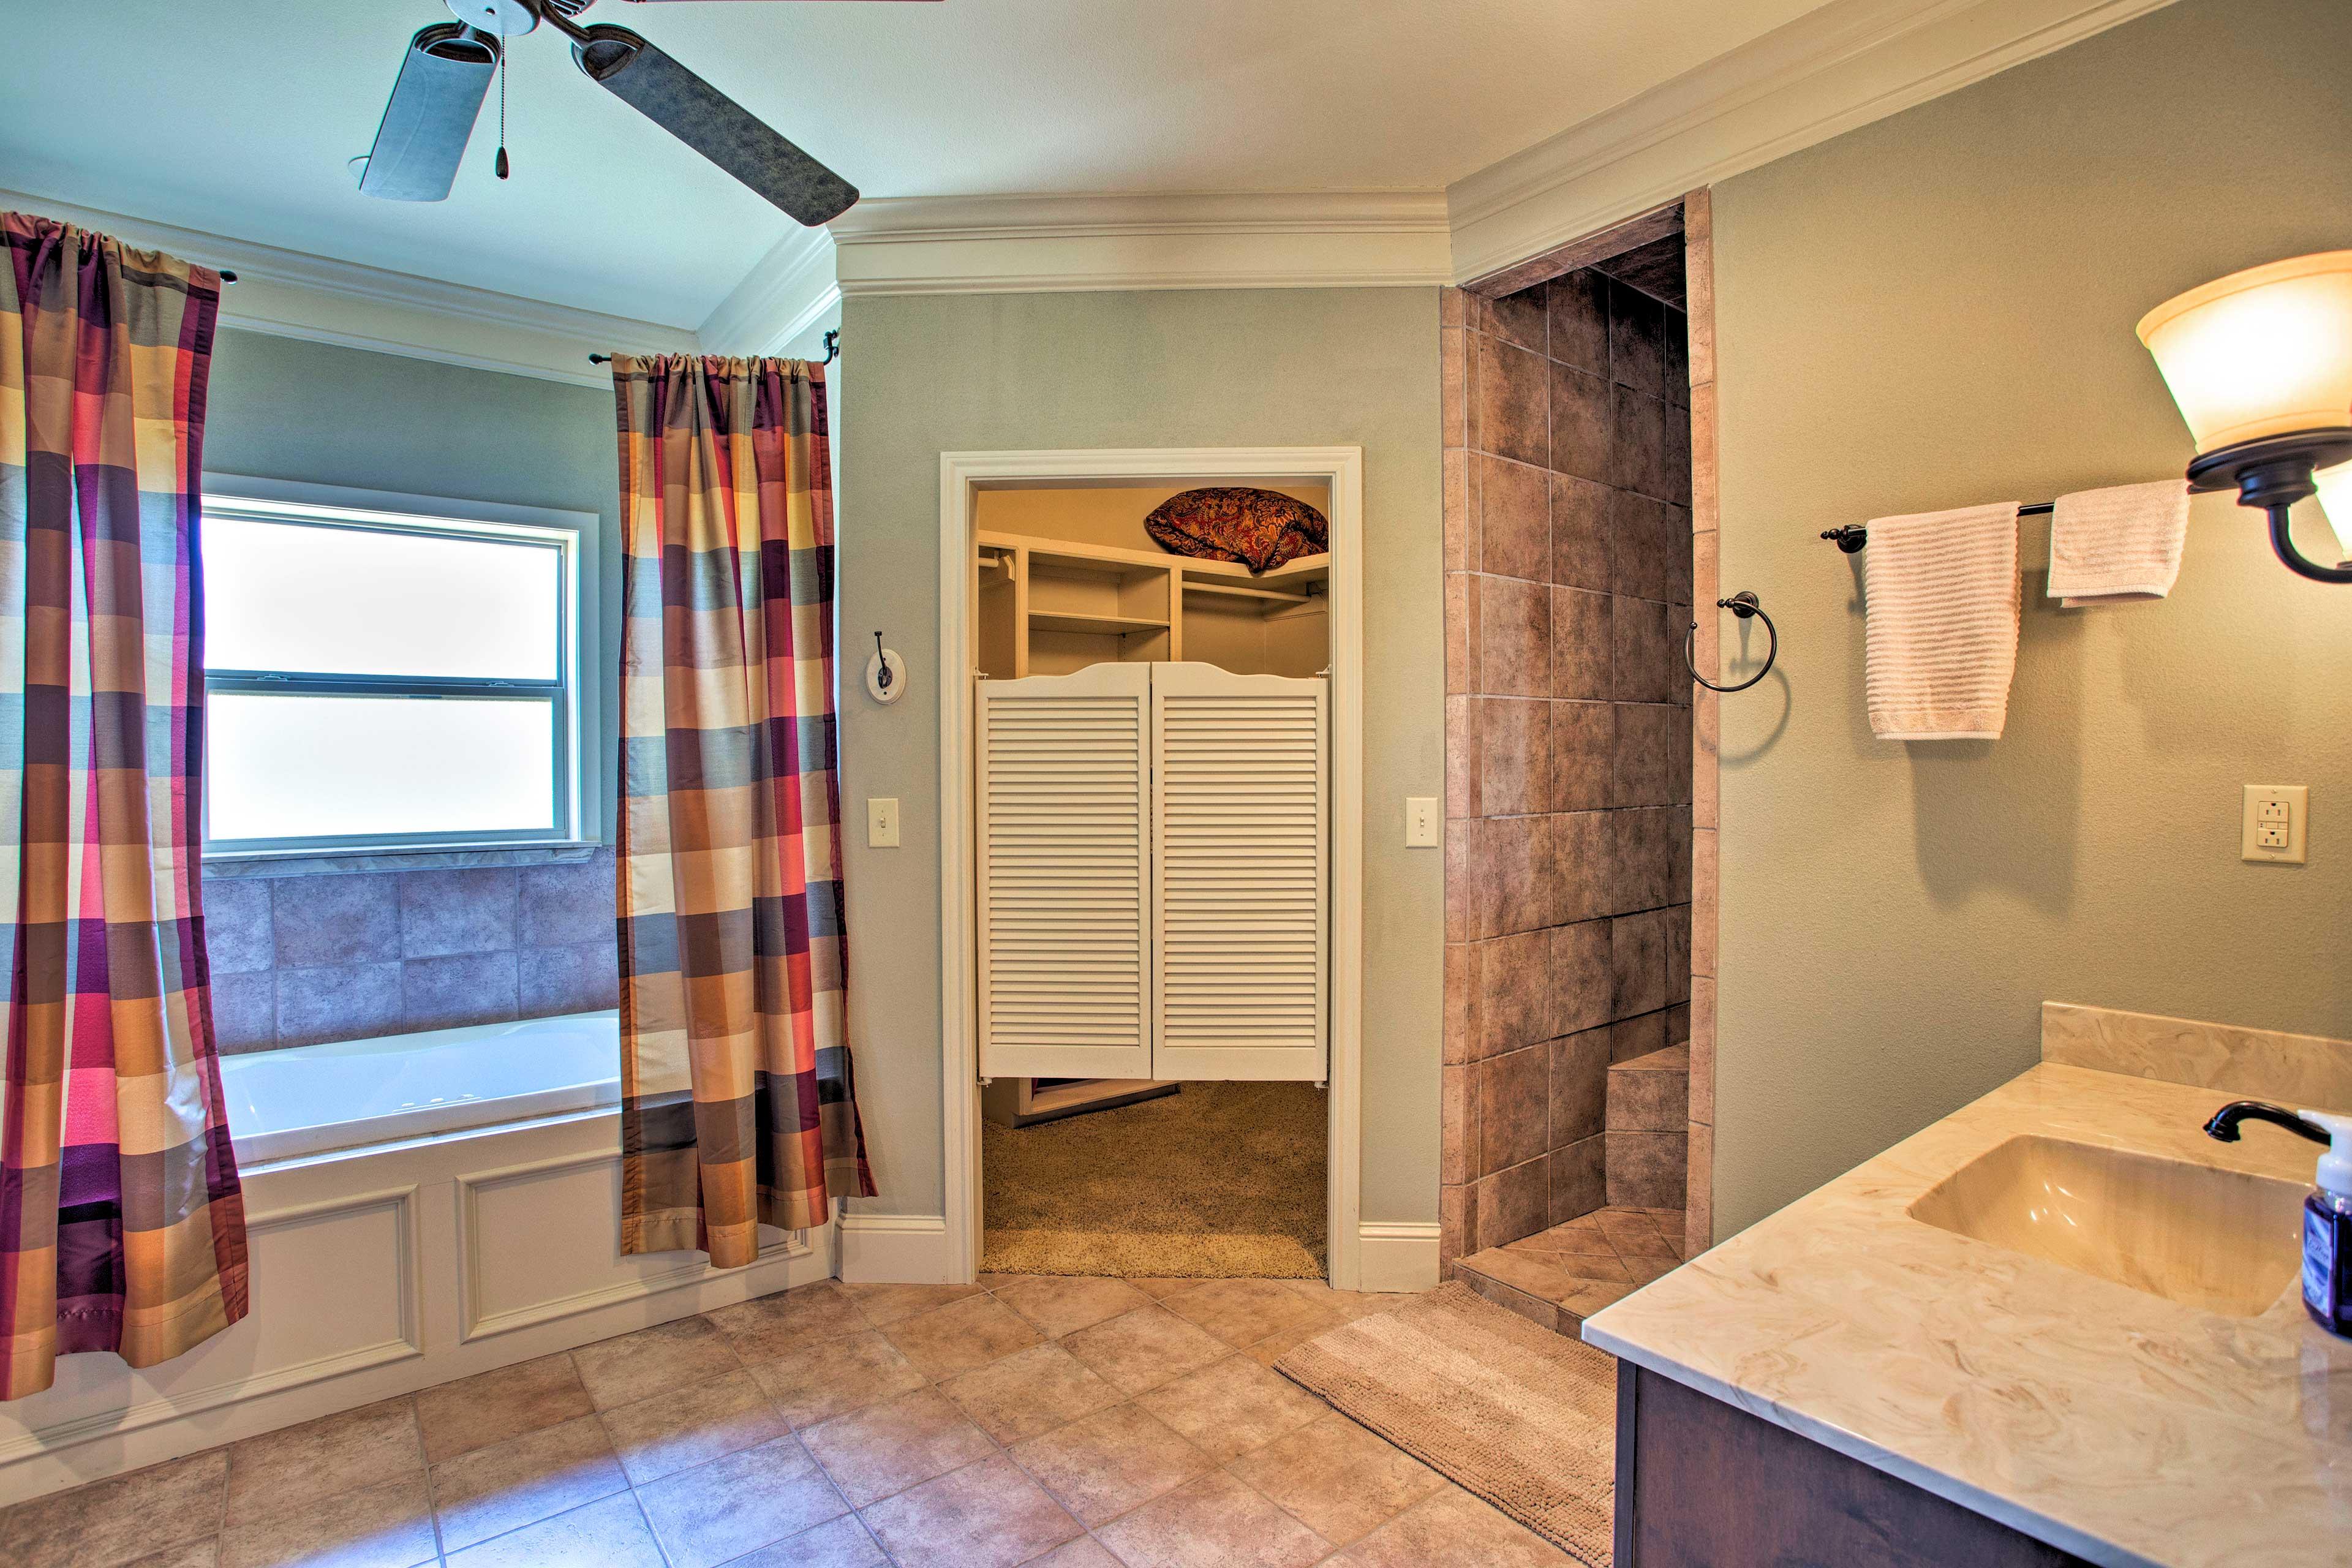 The en-suite bathroom also has a walk-in closet.